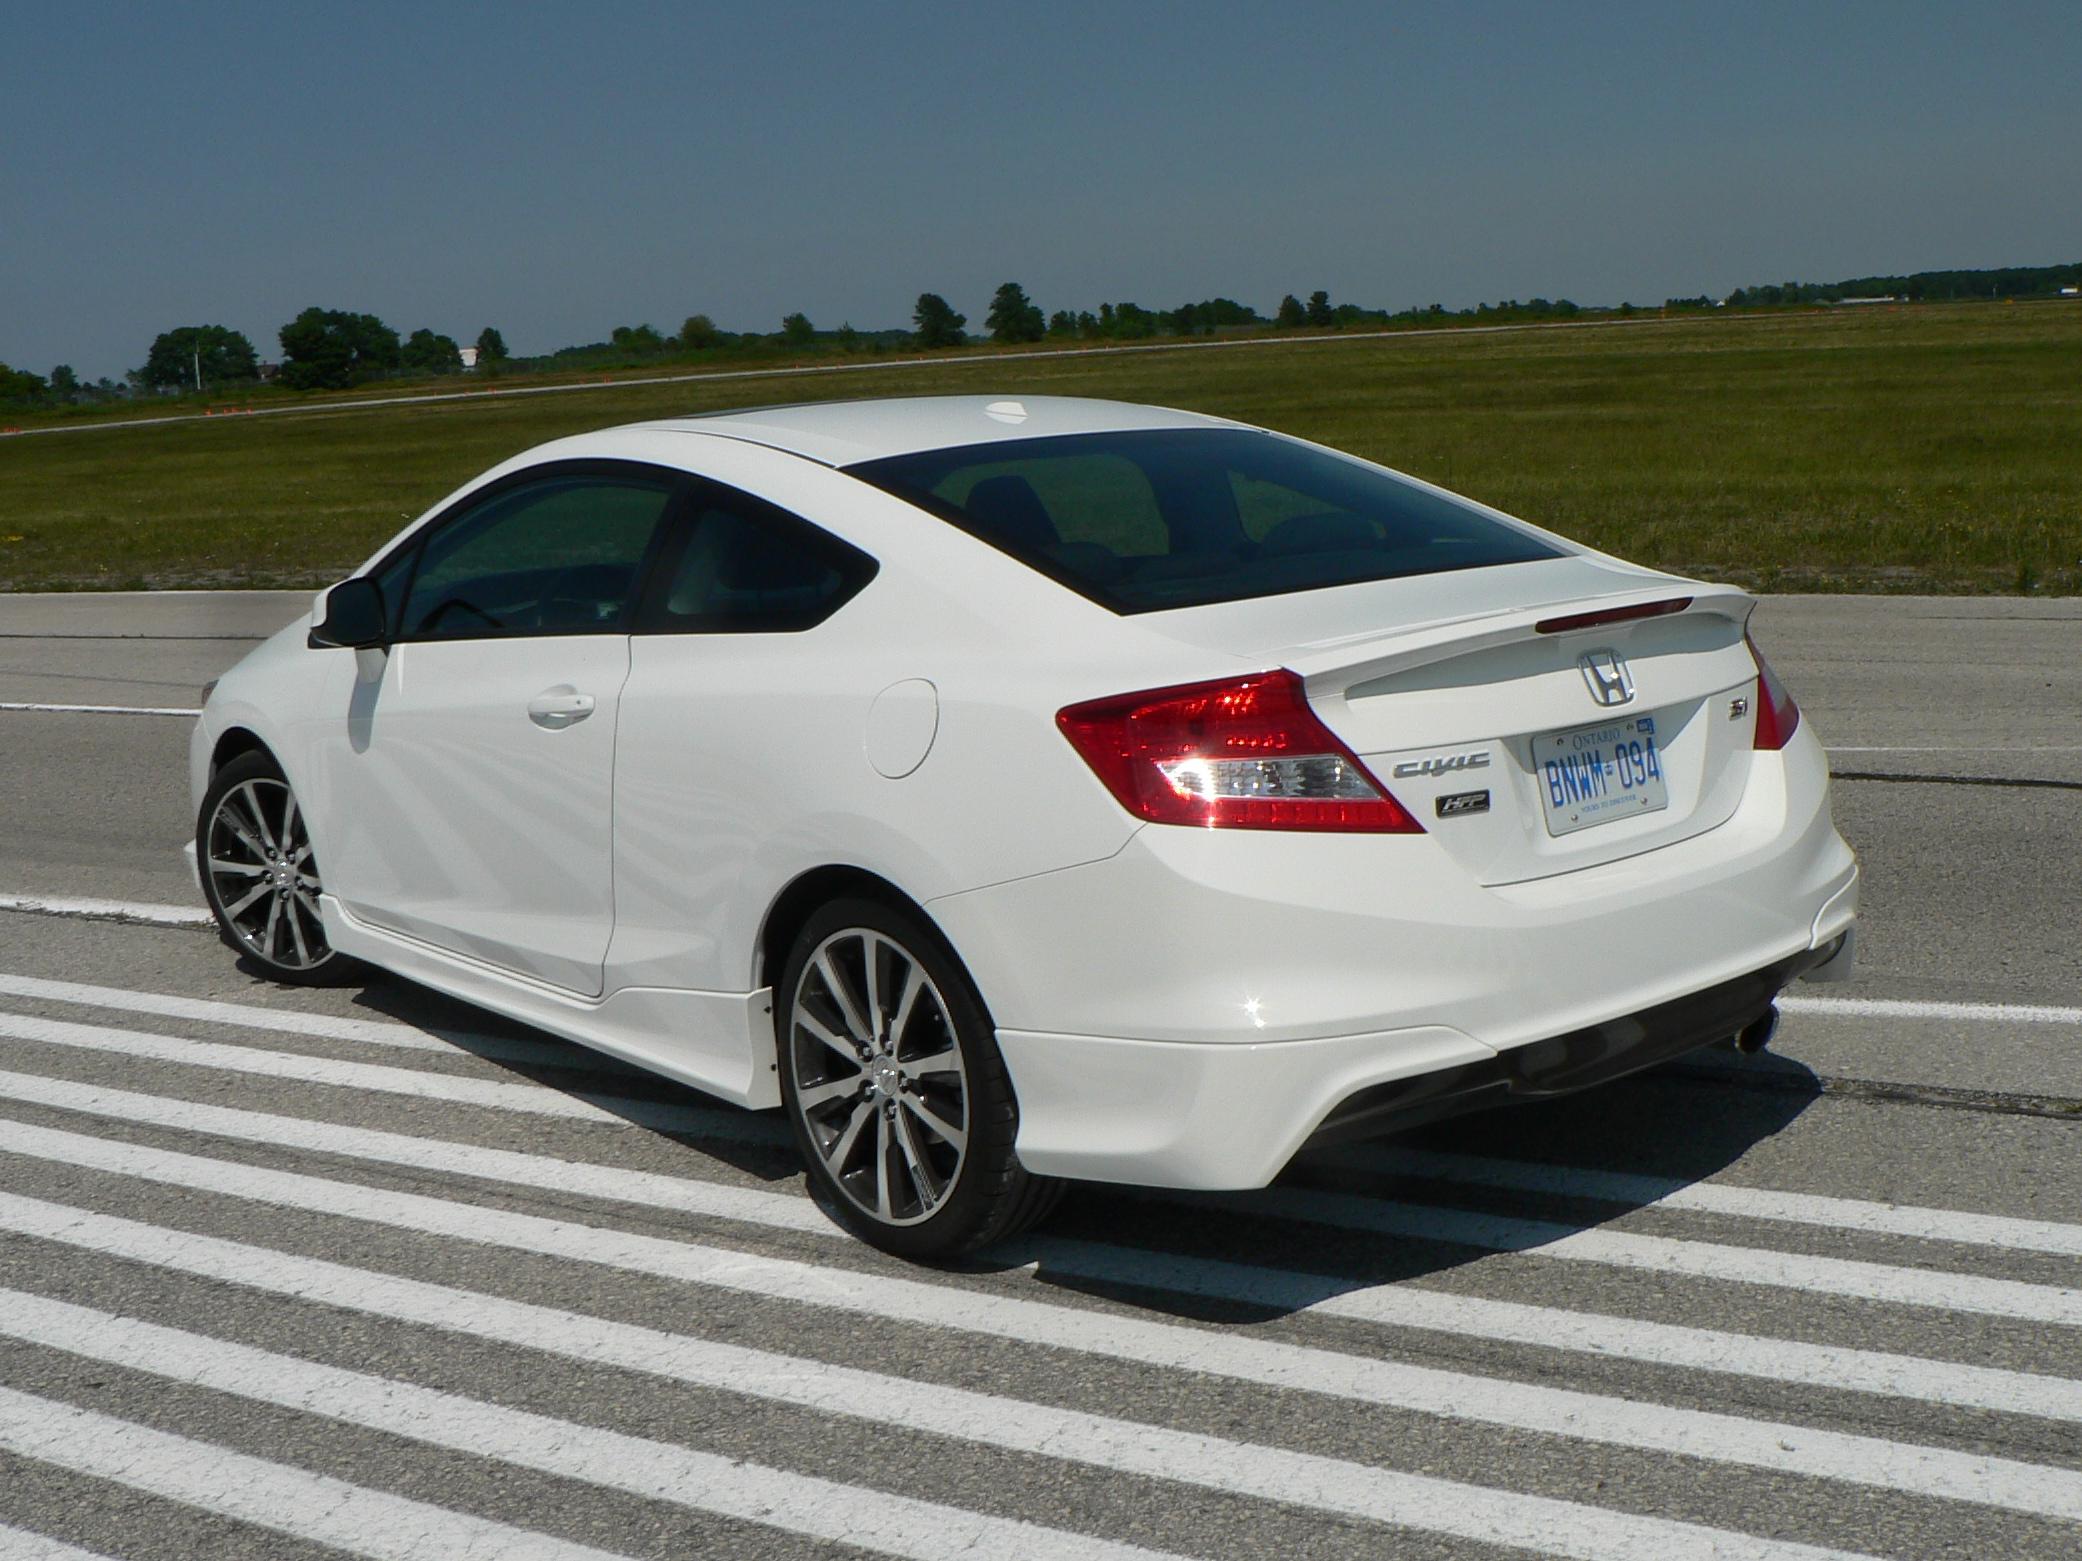 Honda Civic 7 Car Background